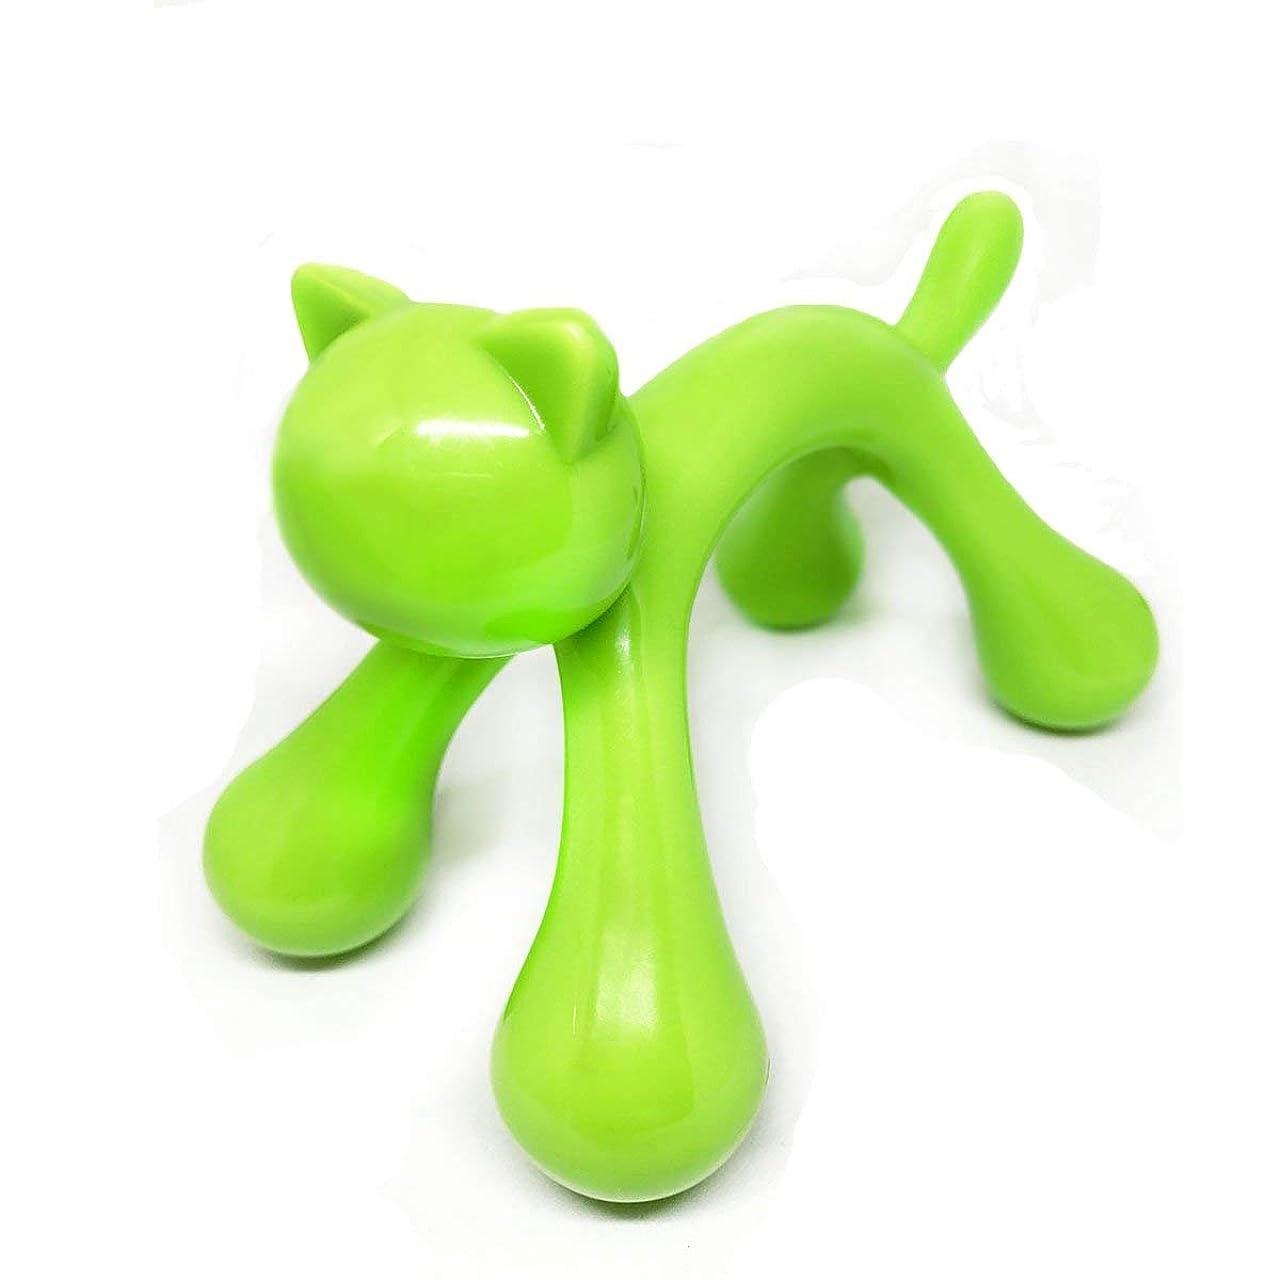 楽観的悪性取り組むマッサージ棒 ツボ押しマッサージ台 握りタイプ 背中 ウッド 疲労回復 ハンド 背中 首 肩こり解消 可愛いネコ型 (グリーン)